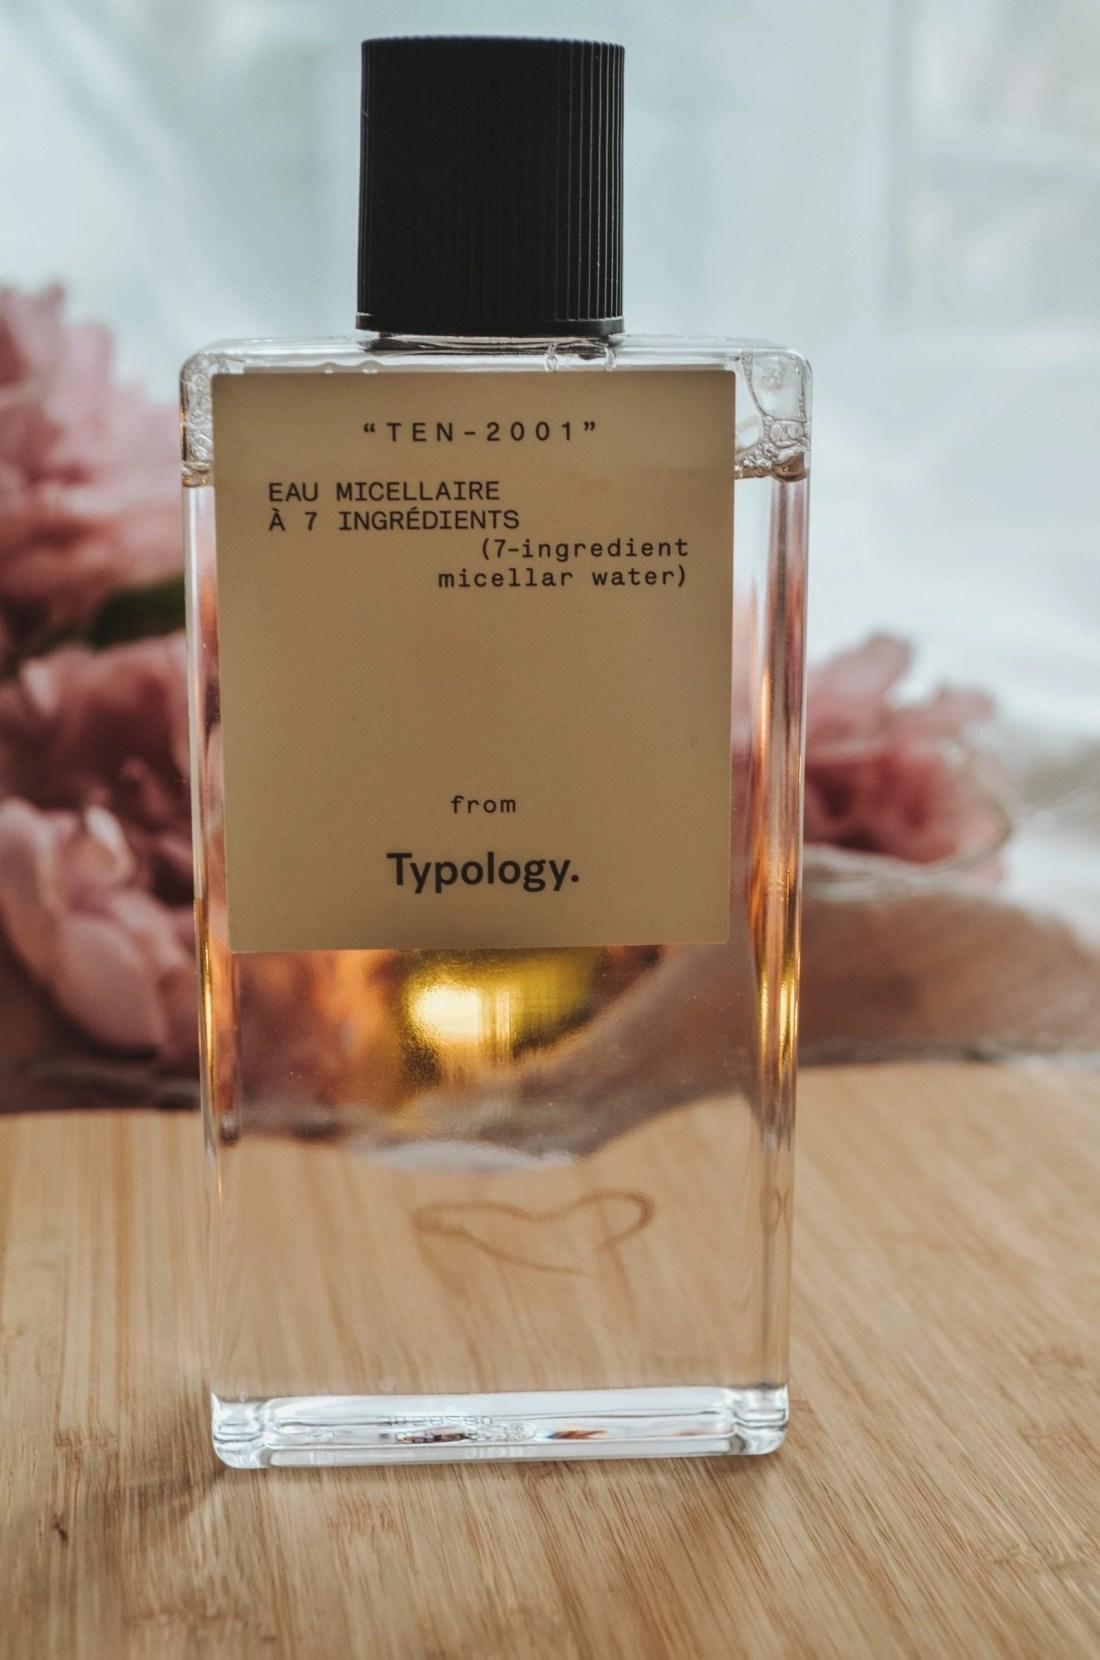 7-Ingredient Micellar Water Typology